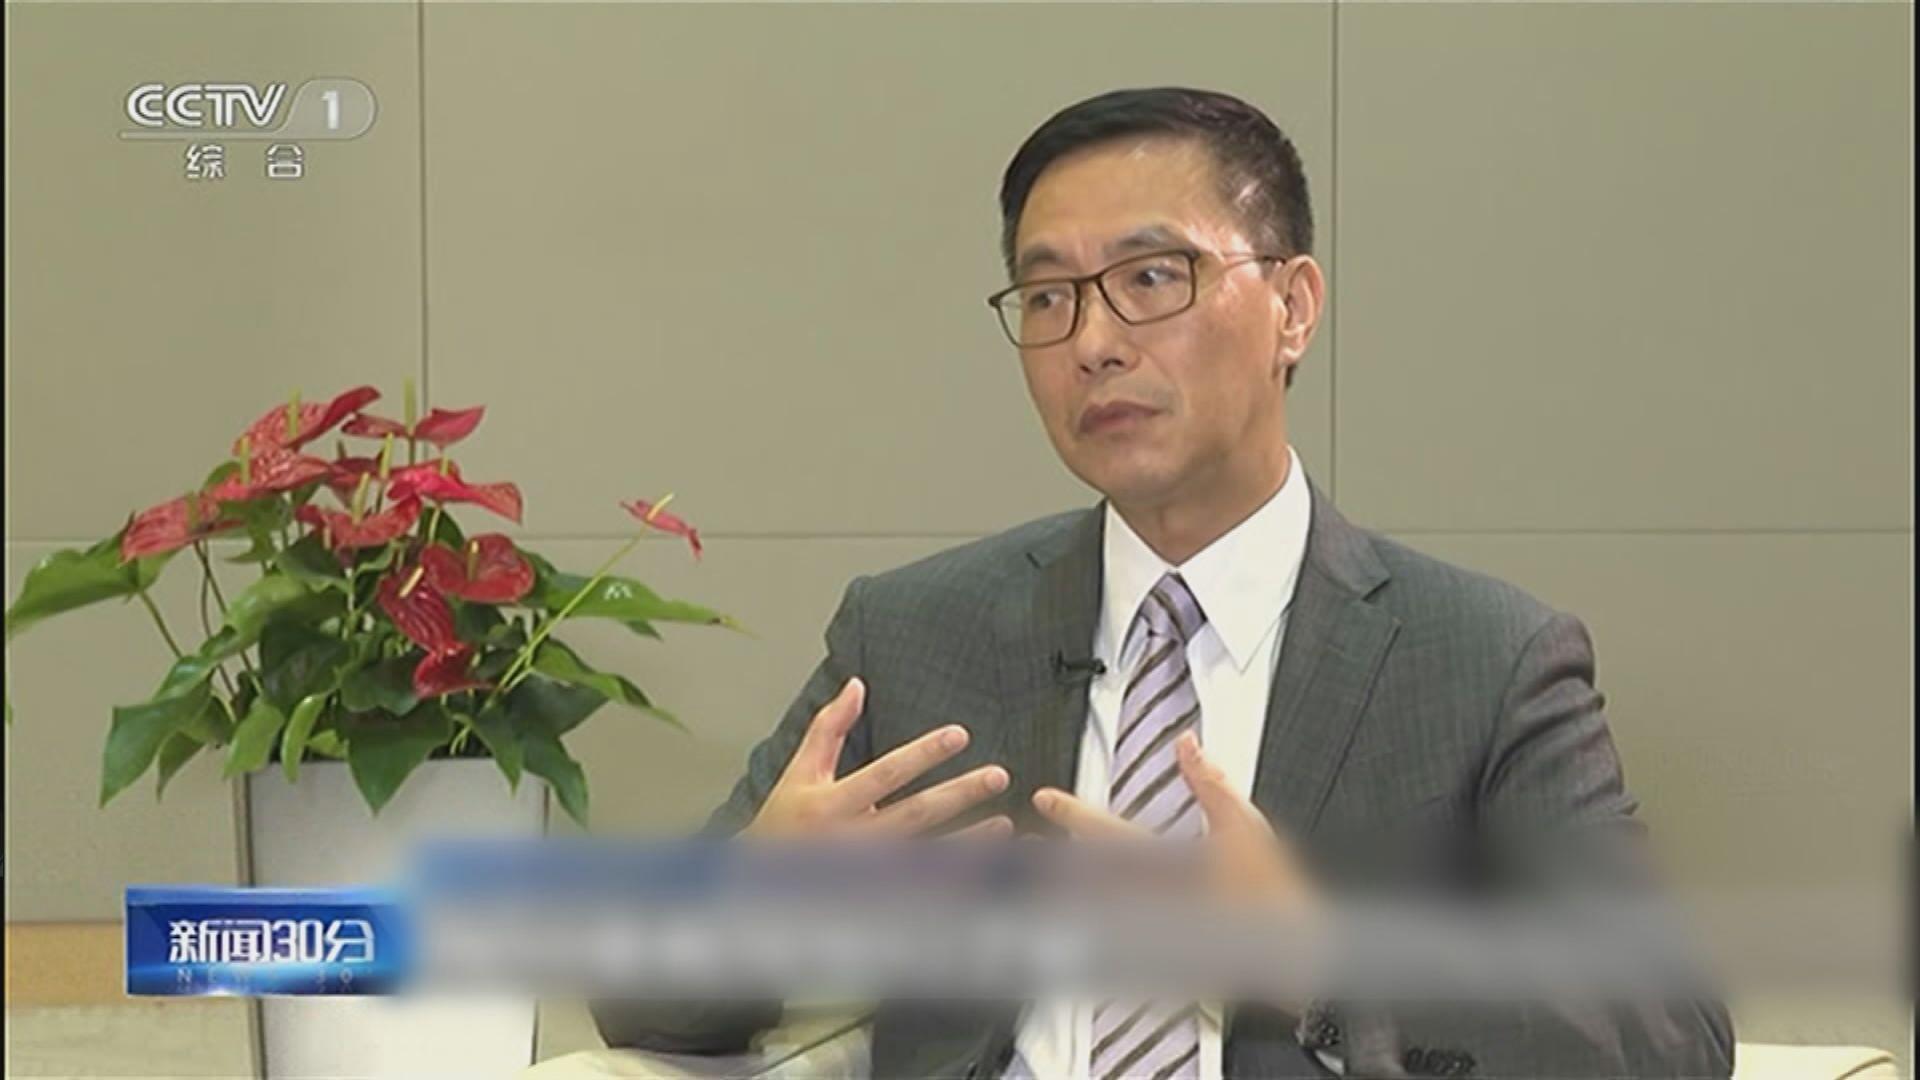 楊潤雄接受央視新聞專訪 指將就國安立法向學生宣傳及教育